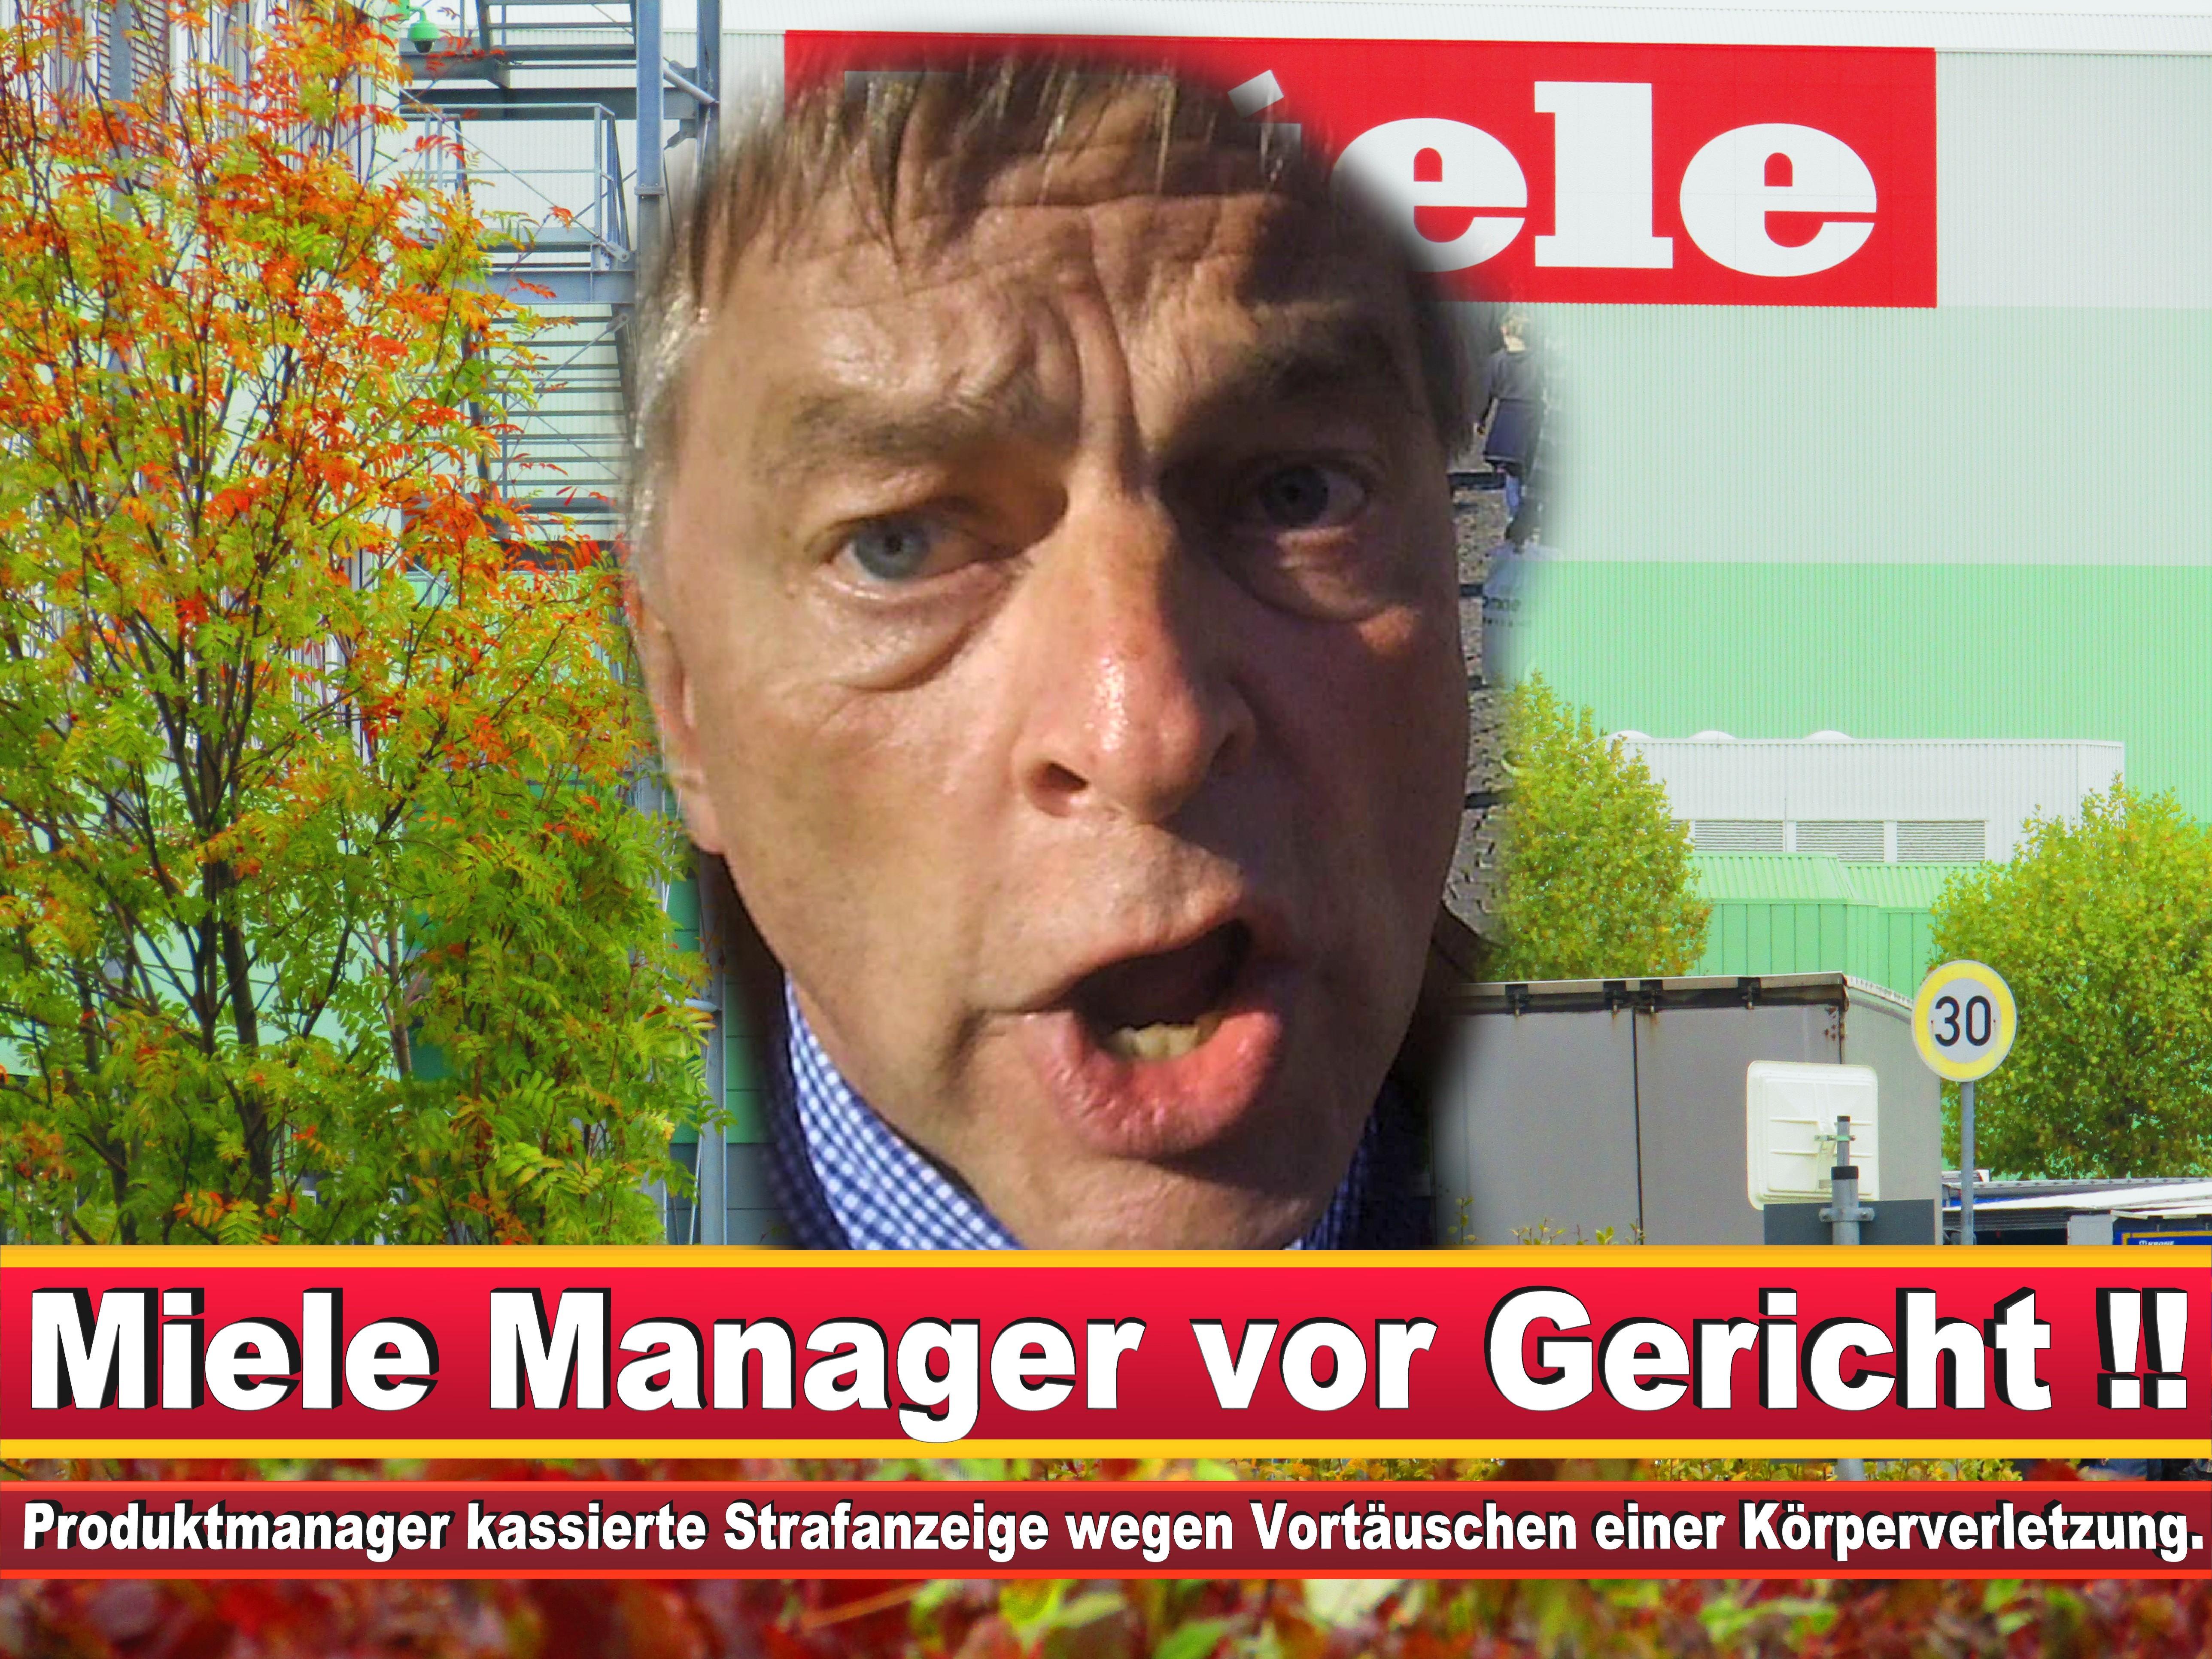 MIELE BIELEFELD GERMANY